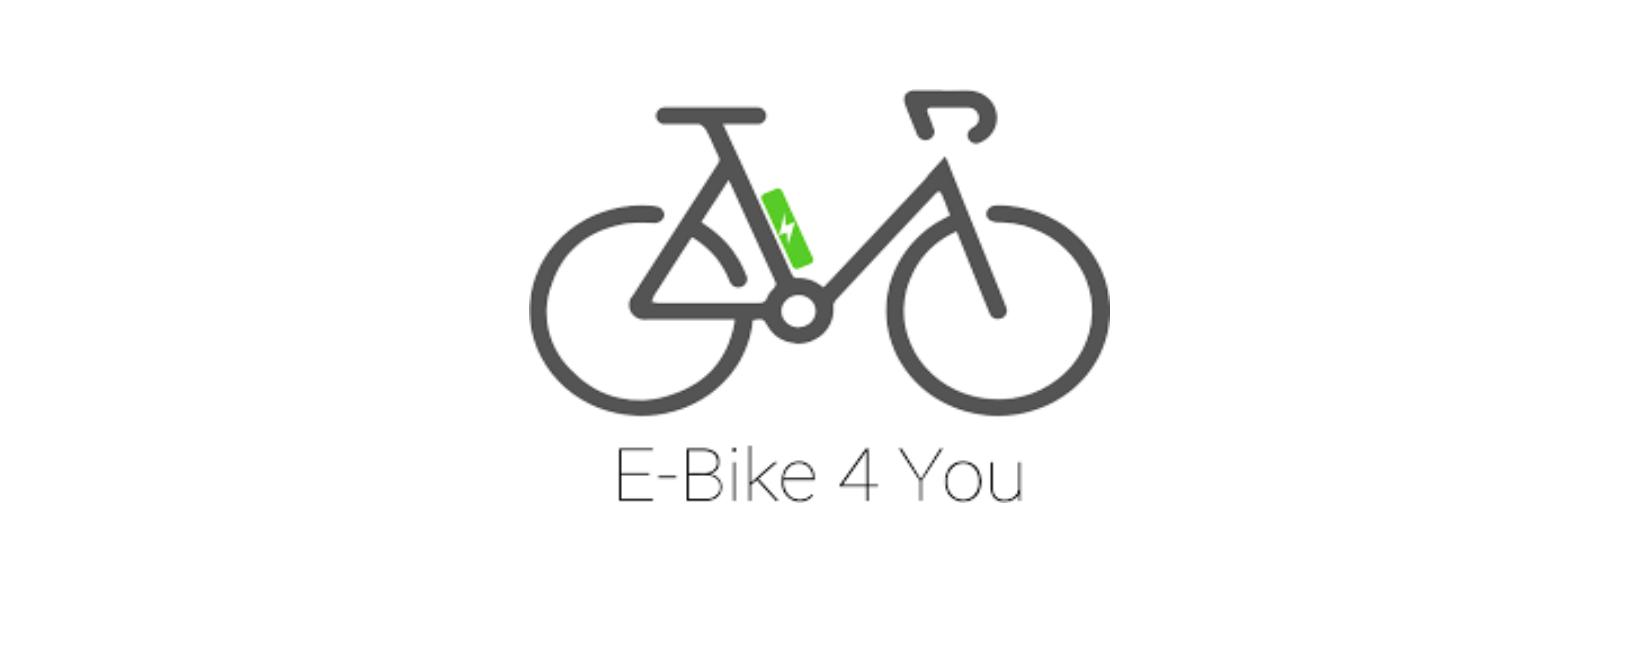 ebike4you Discount Code 2021